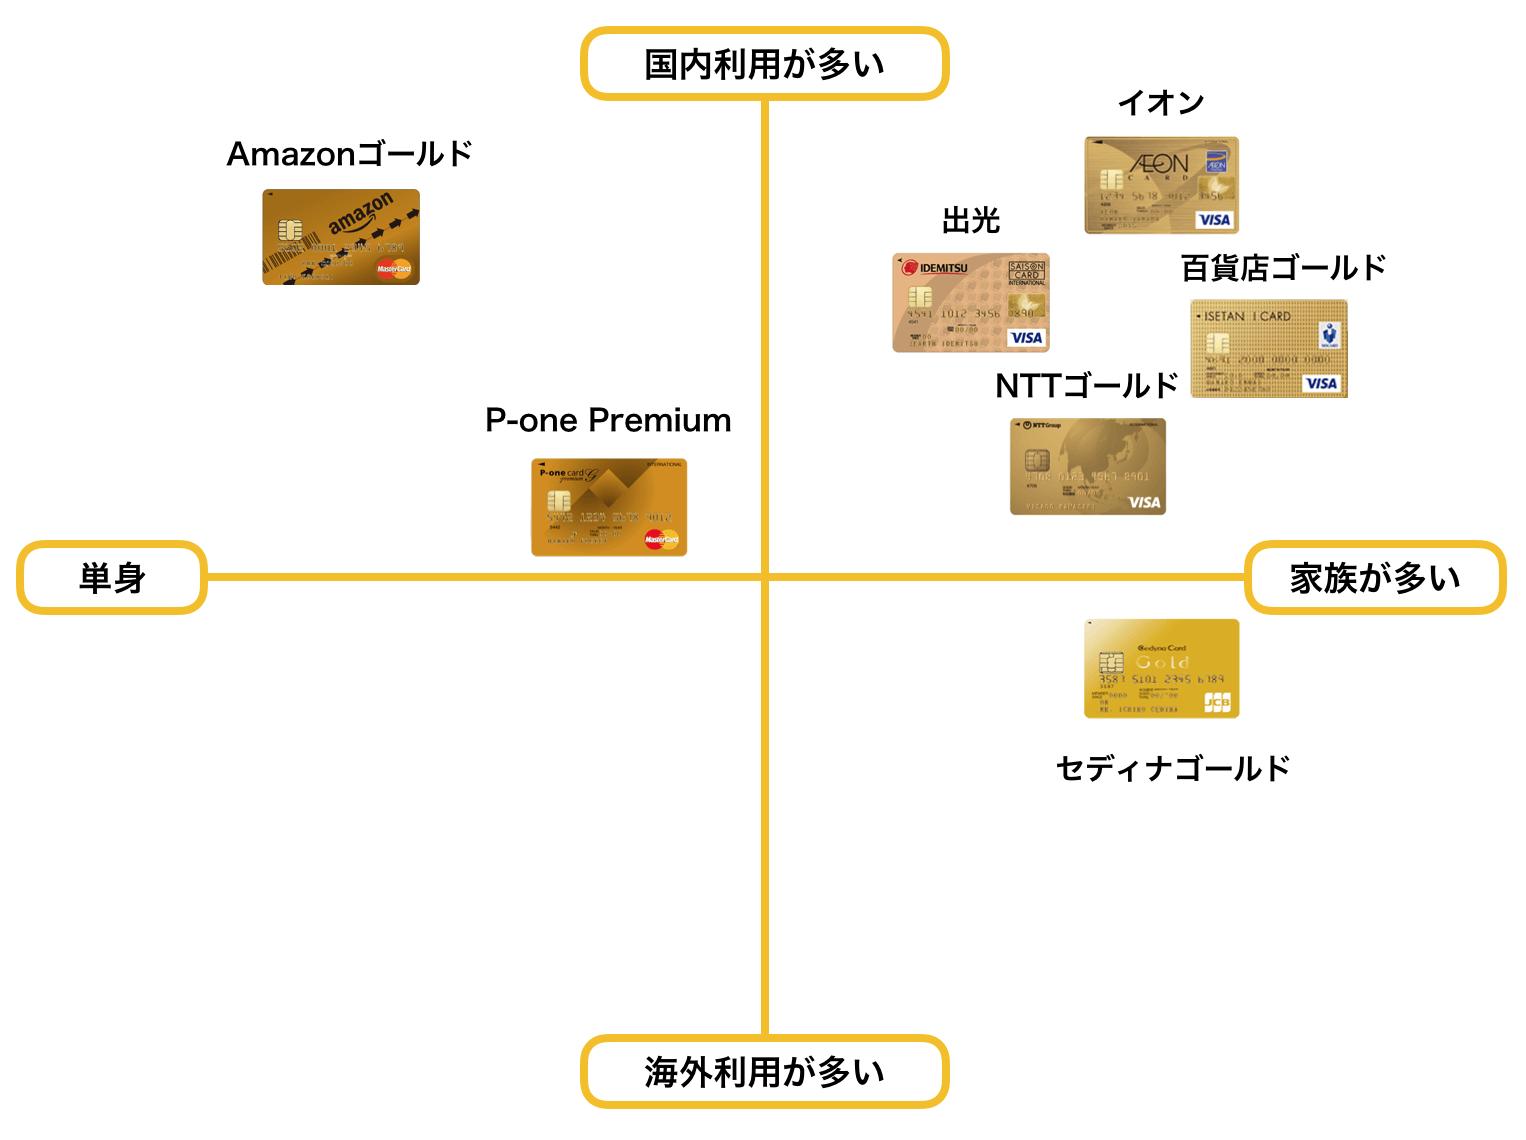 ゴールドカード おすすめ 40代 ポジショニングマップ2